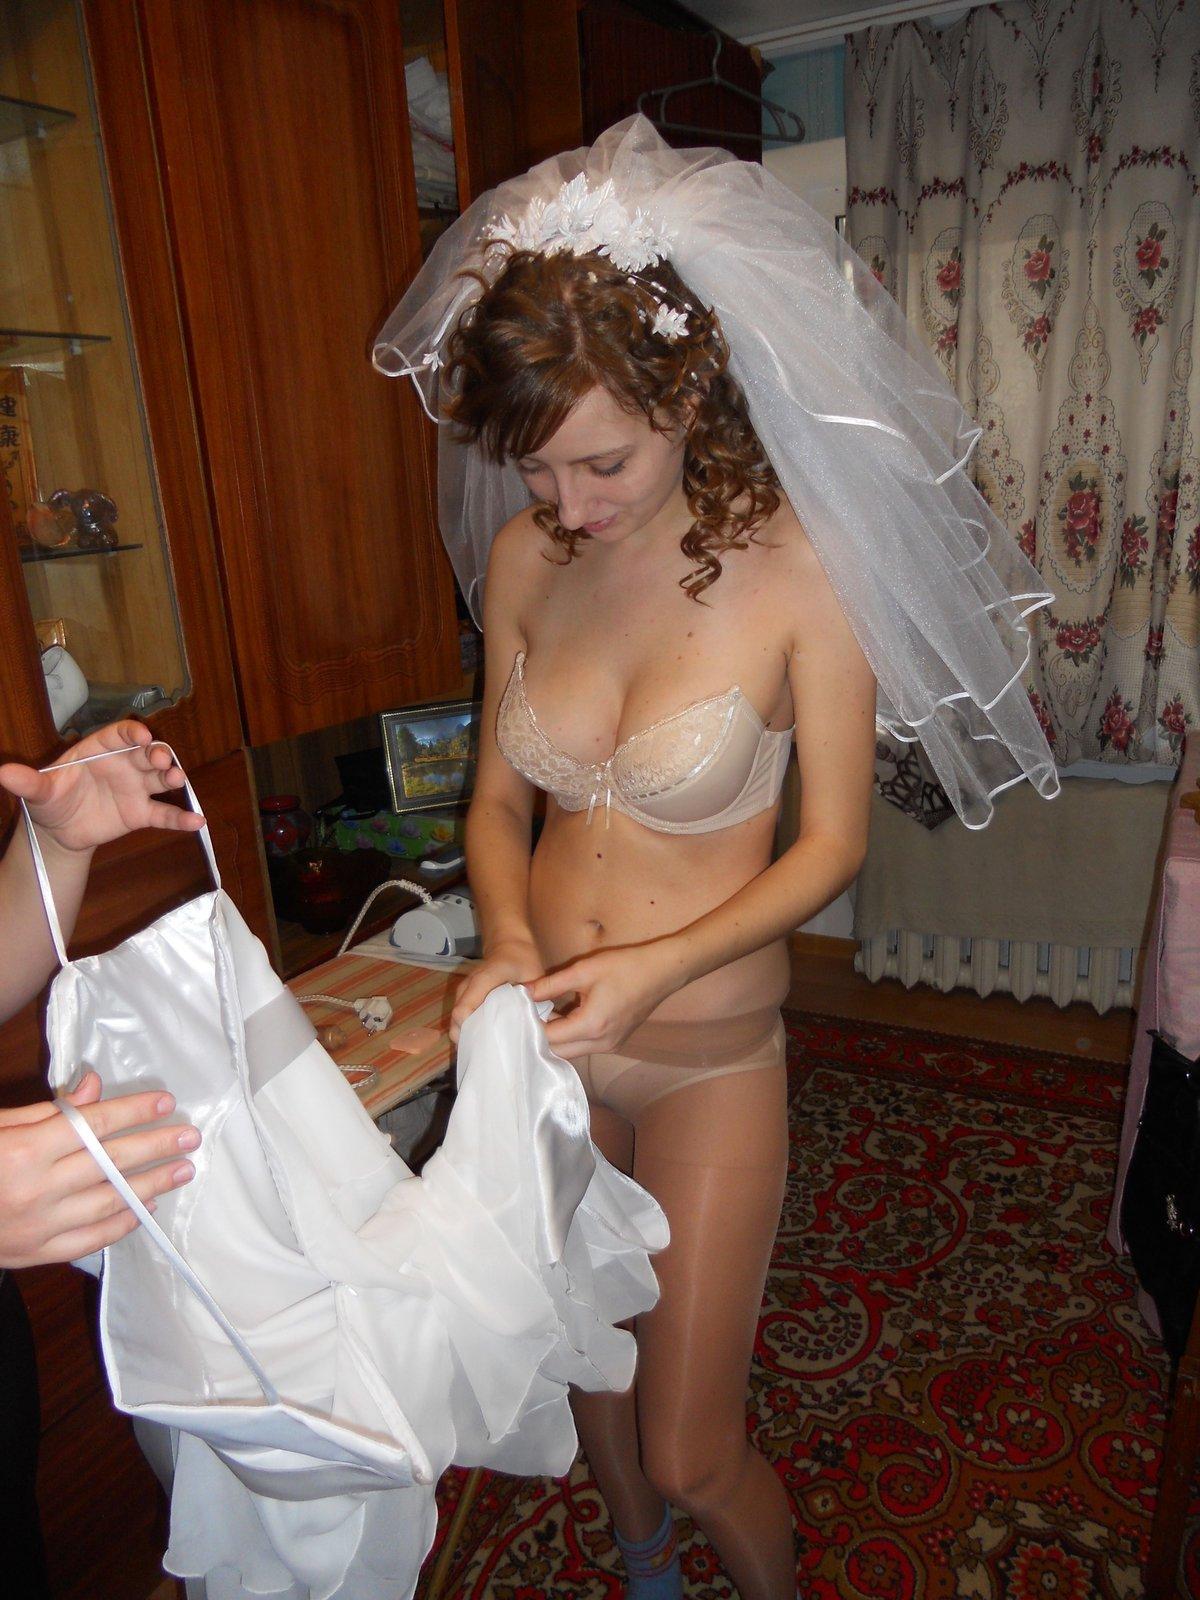 Видео онлайн смотреть невеста на свадьбе без трусиков — 7